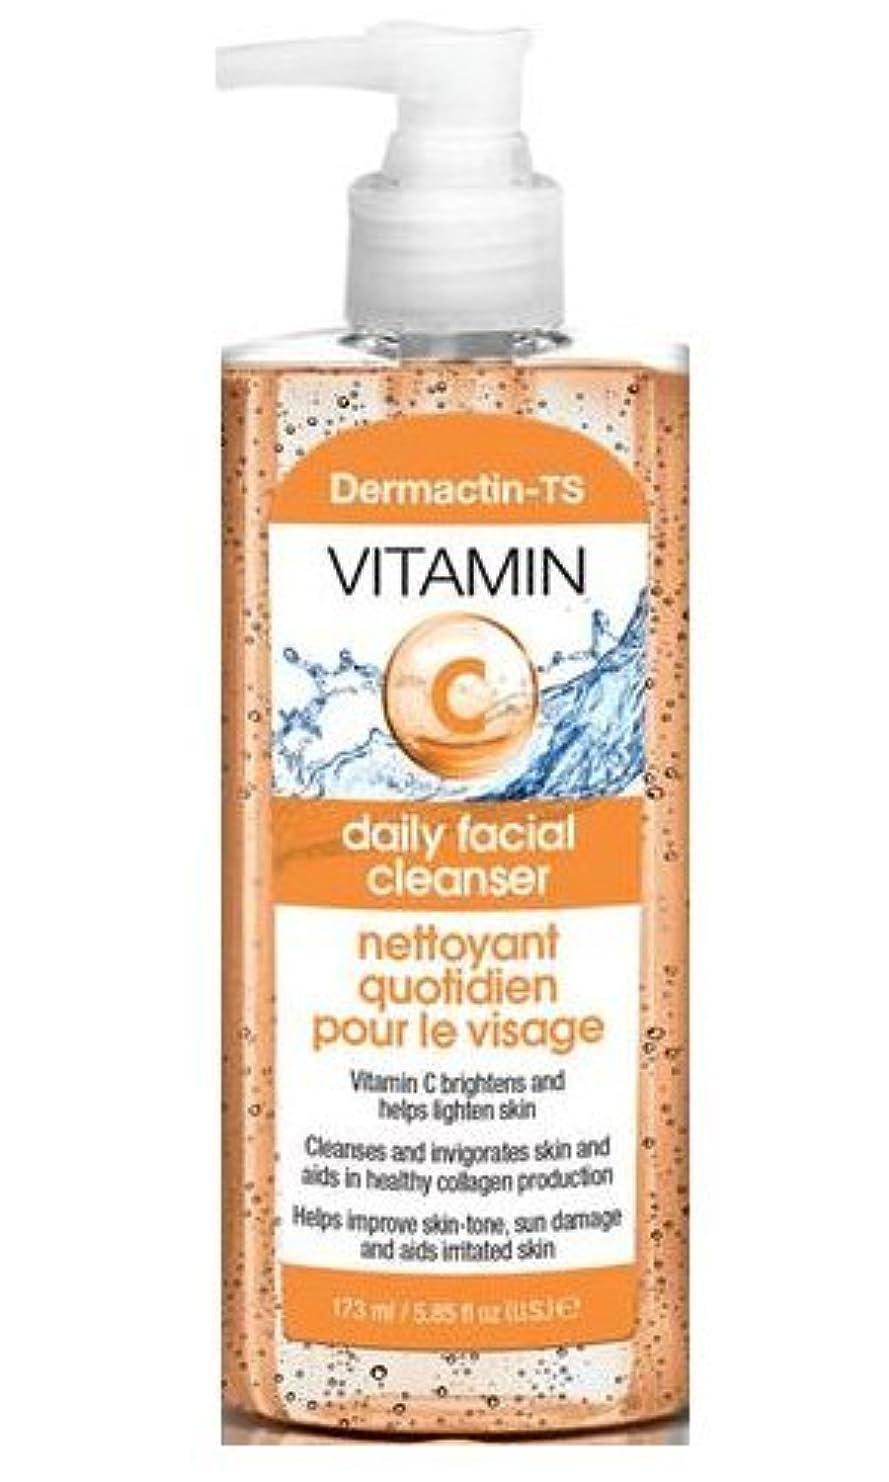 グリーンバックまともな乱用Dermactin-TS ビタミンCフェイシャルクレンザー165g (4パック) (並行輸入品)